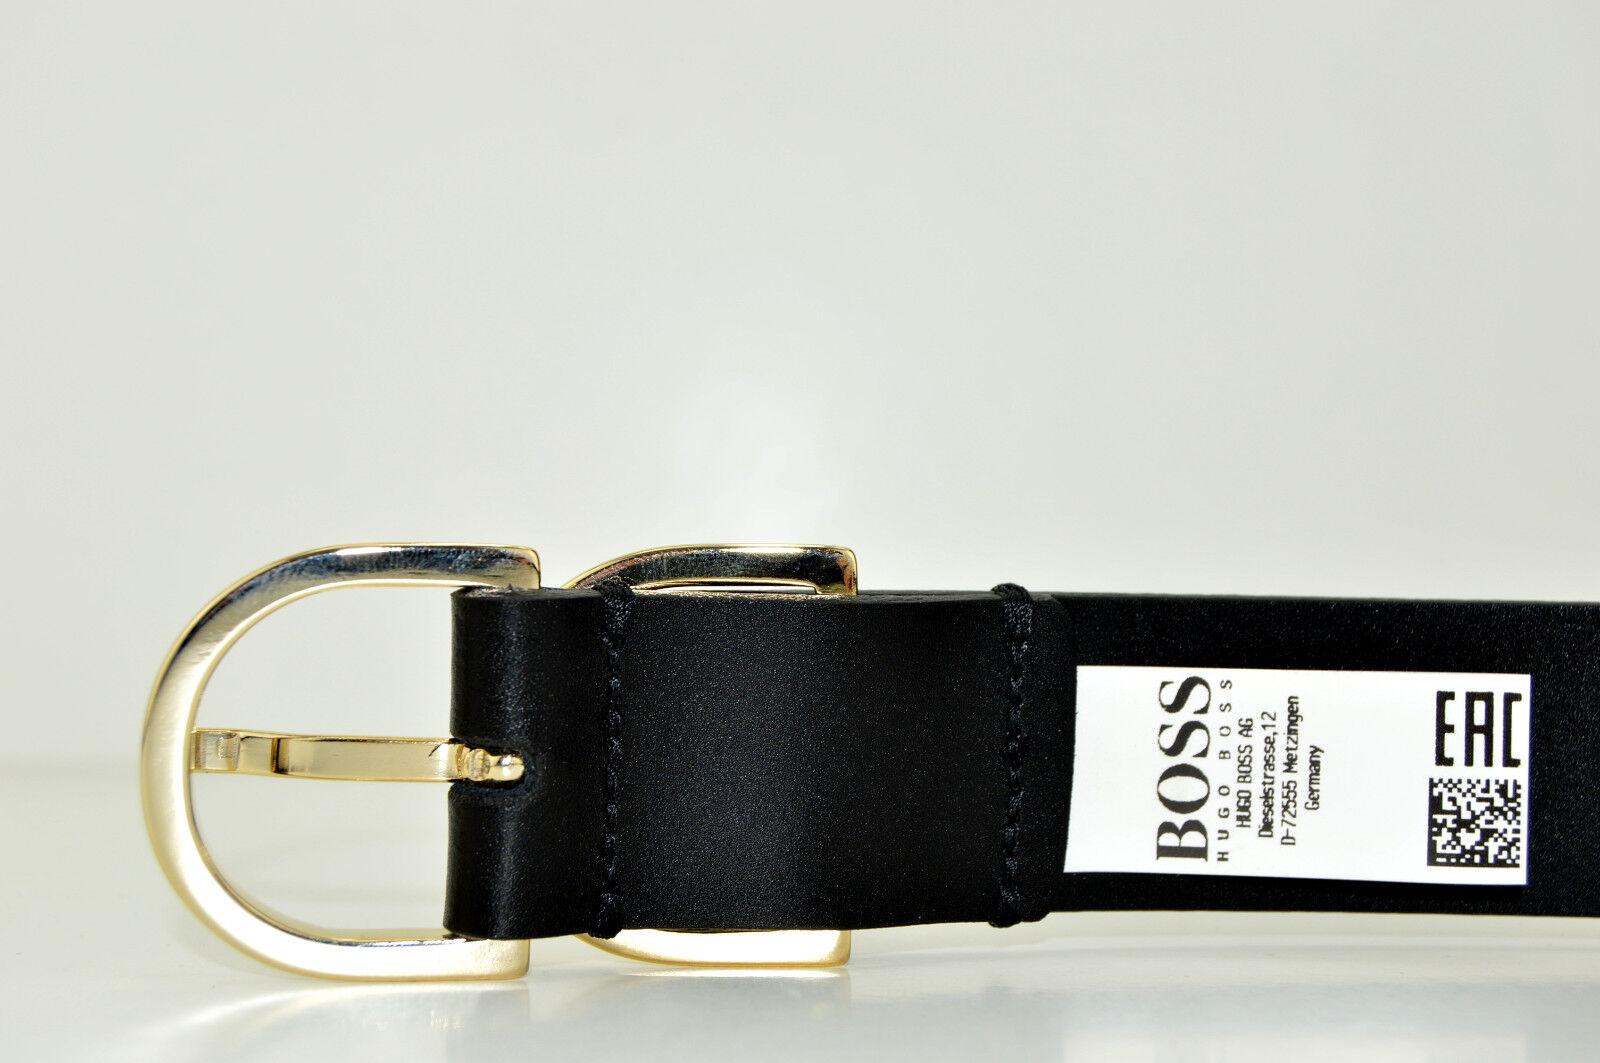 HUGO BOSS Damen Gürtel Damengürtel Ledergürtel BUSINESS KENNY Belt Schwarz NEU